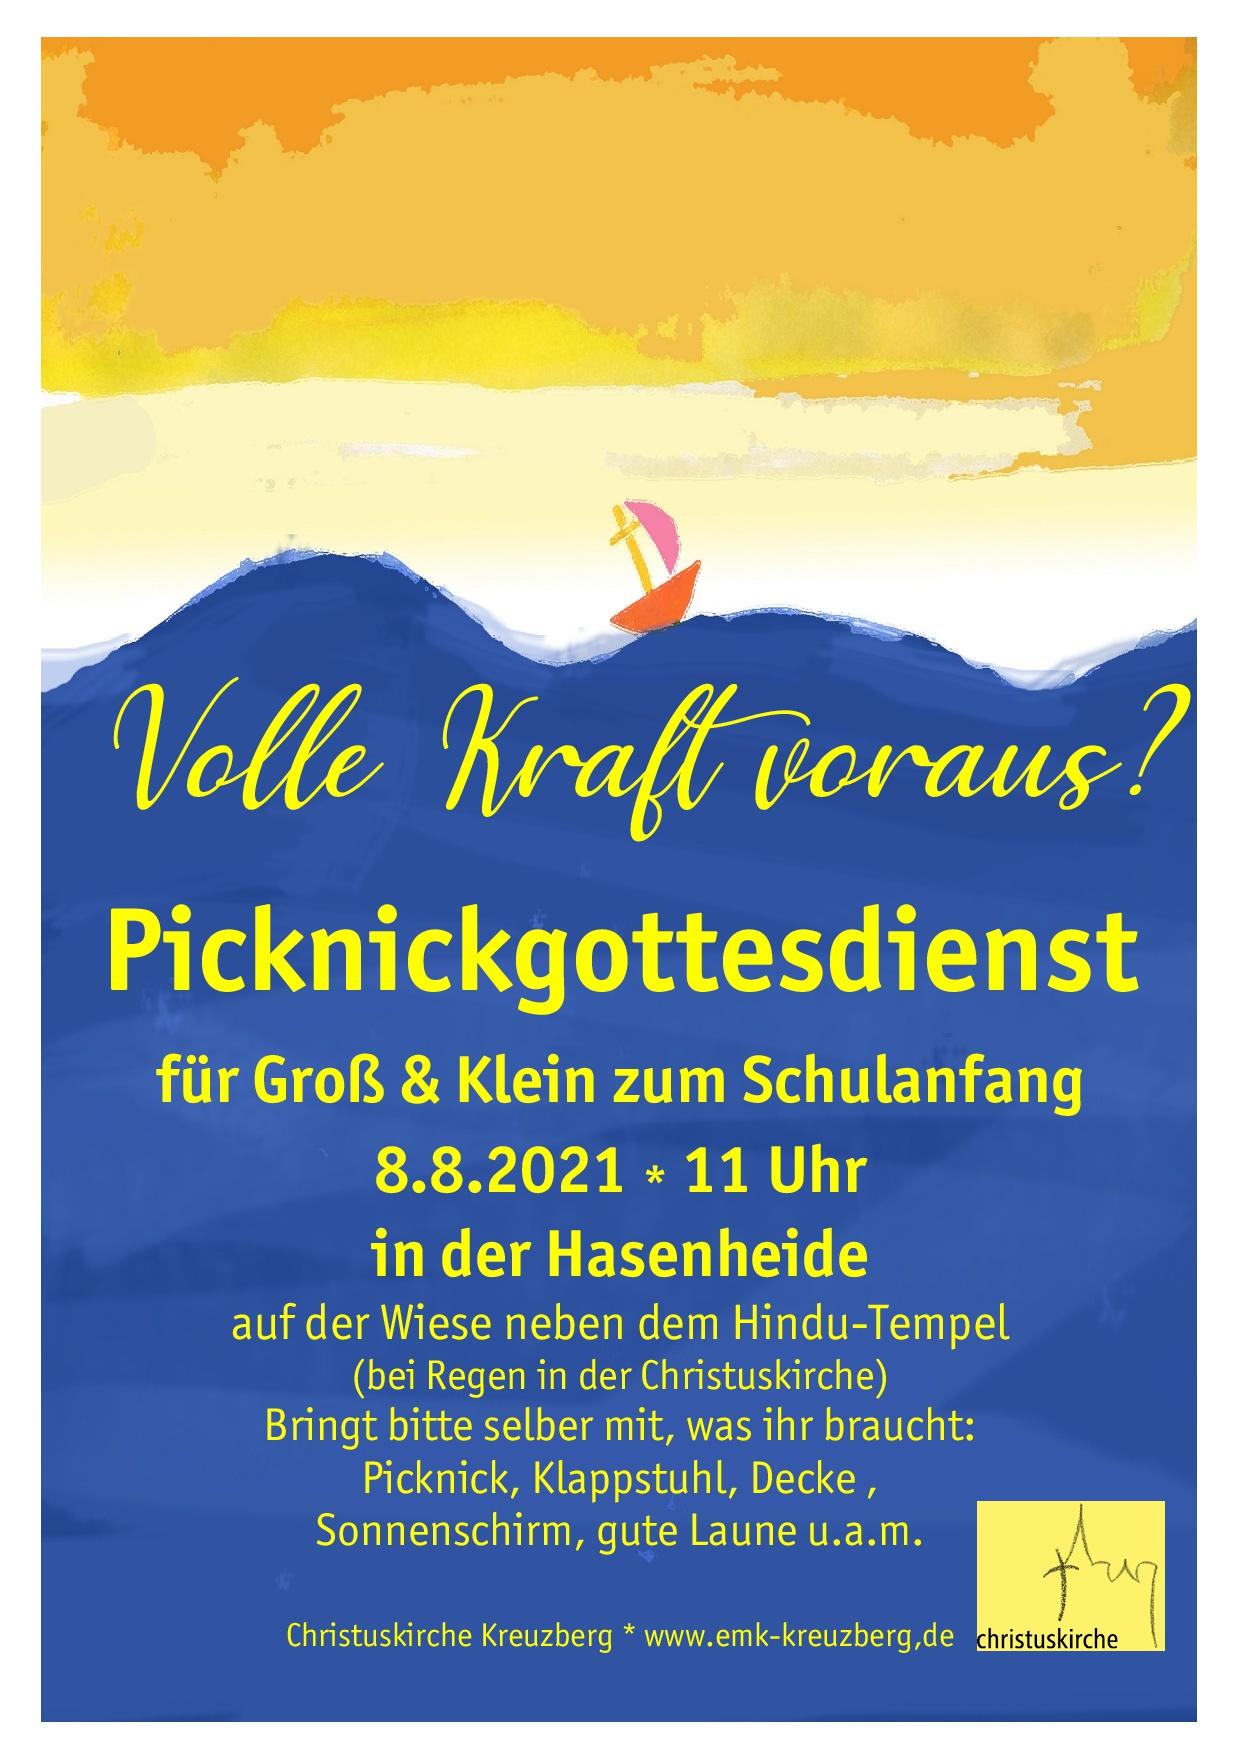 8. August 11 Uhr Picknickgottesdienst zum Schulanfang